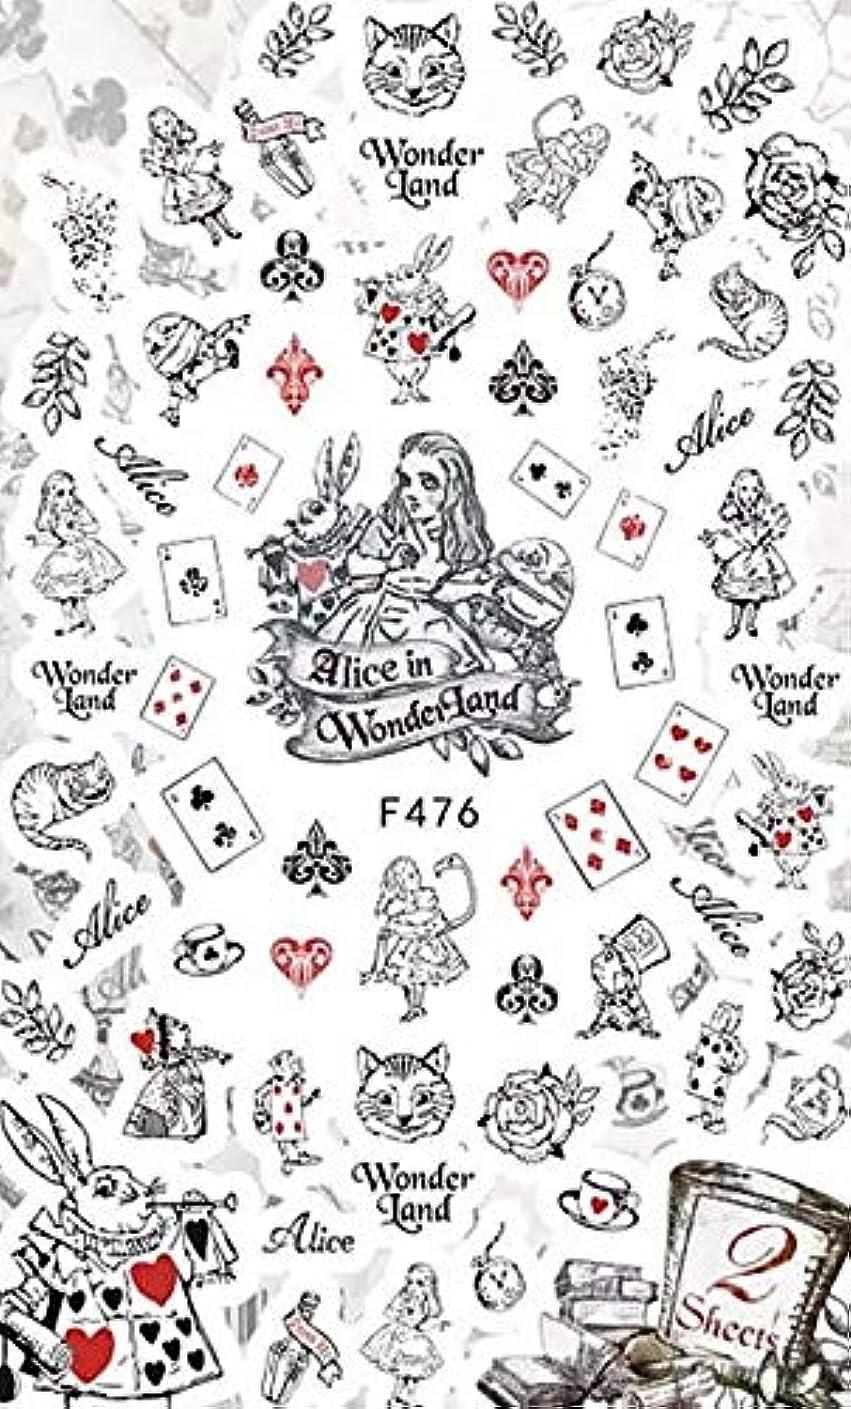 救援章アルカイックSHOP THEATER(ショップ シアター) ネイルシール アリス イン ワンダーランド ディズニー ネイルアート 不思議の国のアリス 猫 プリンセス